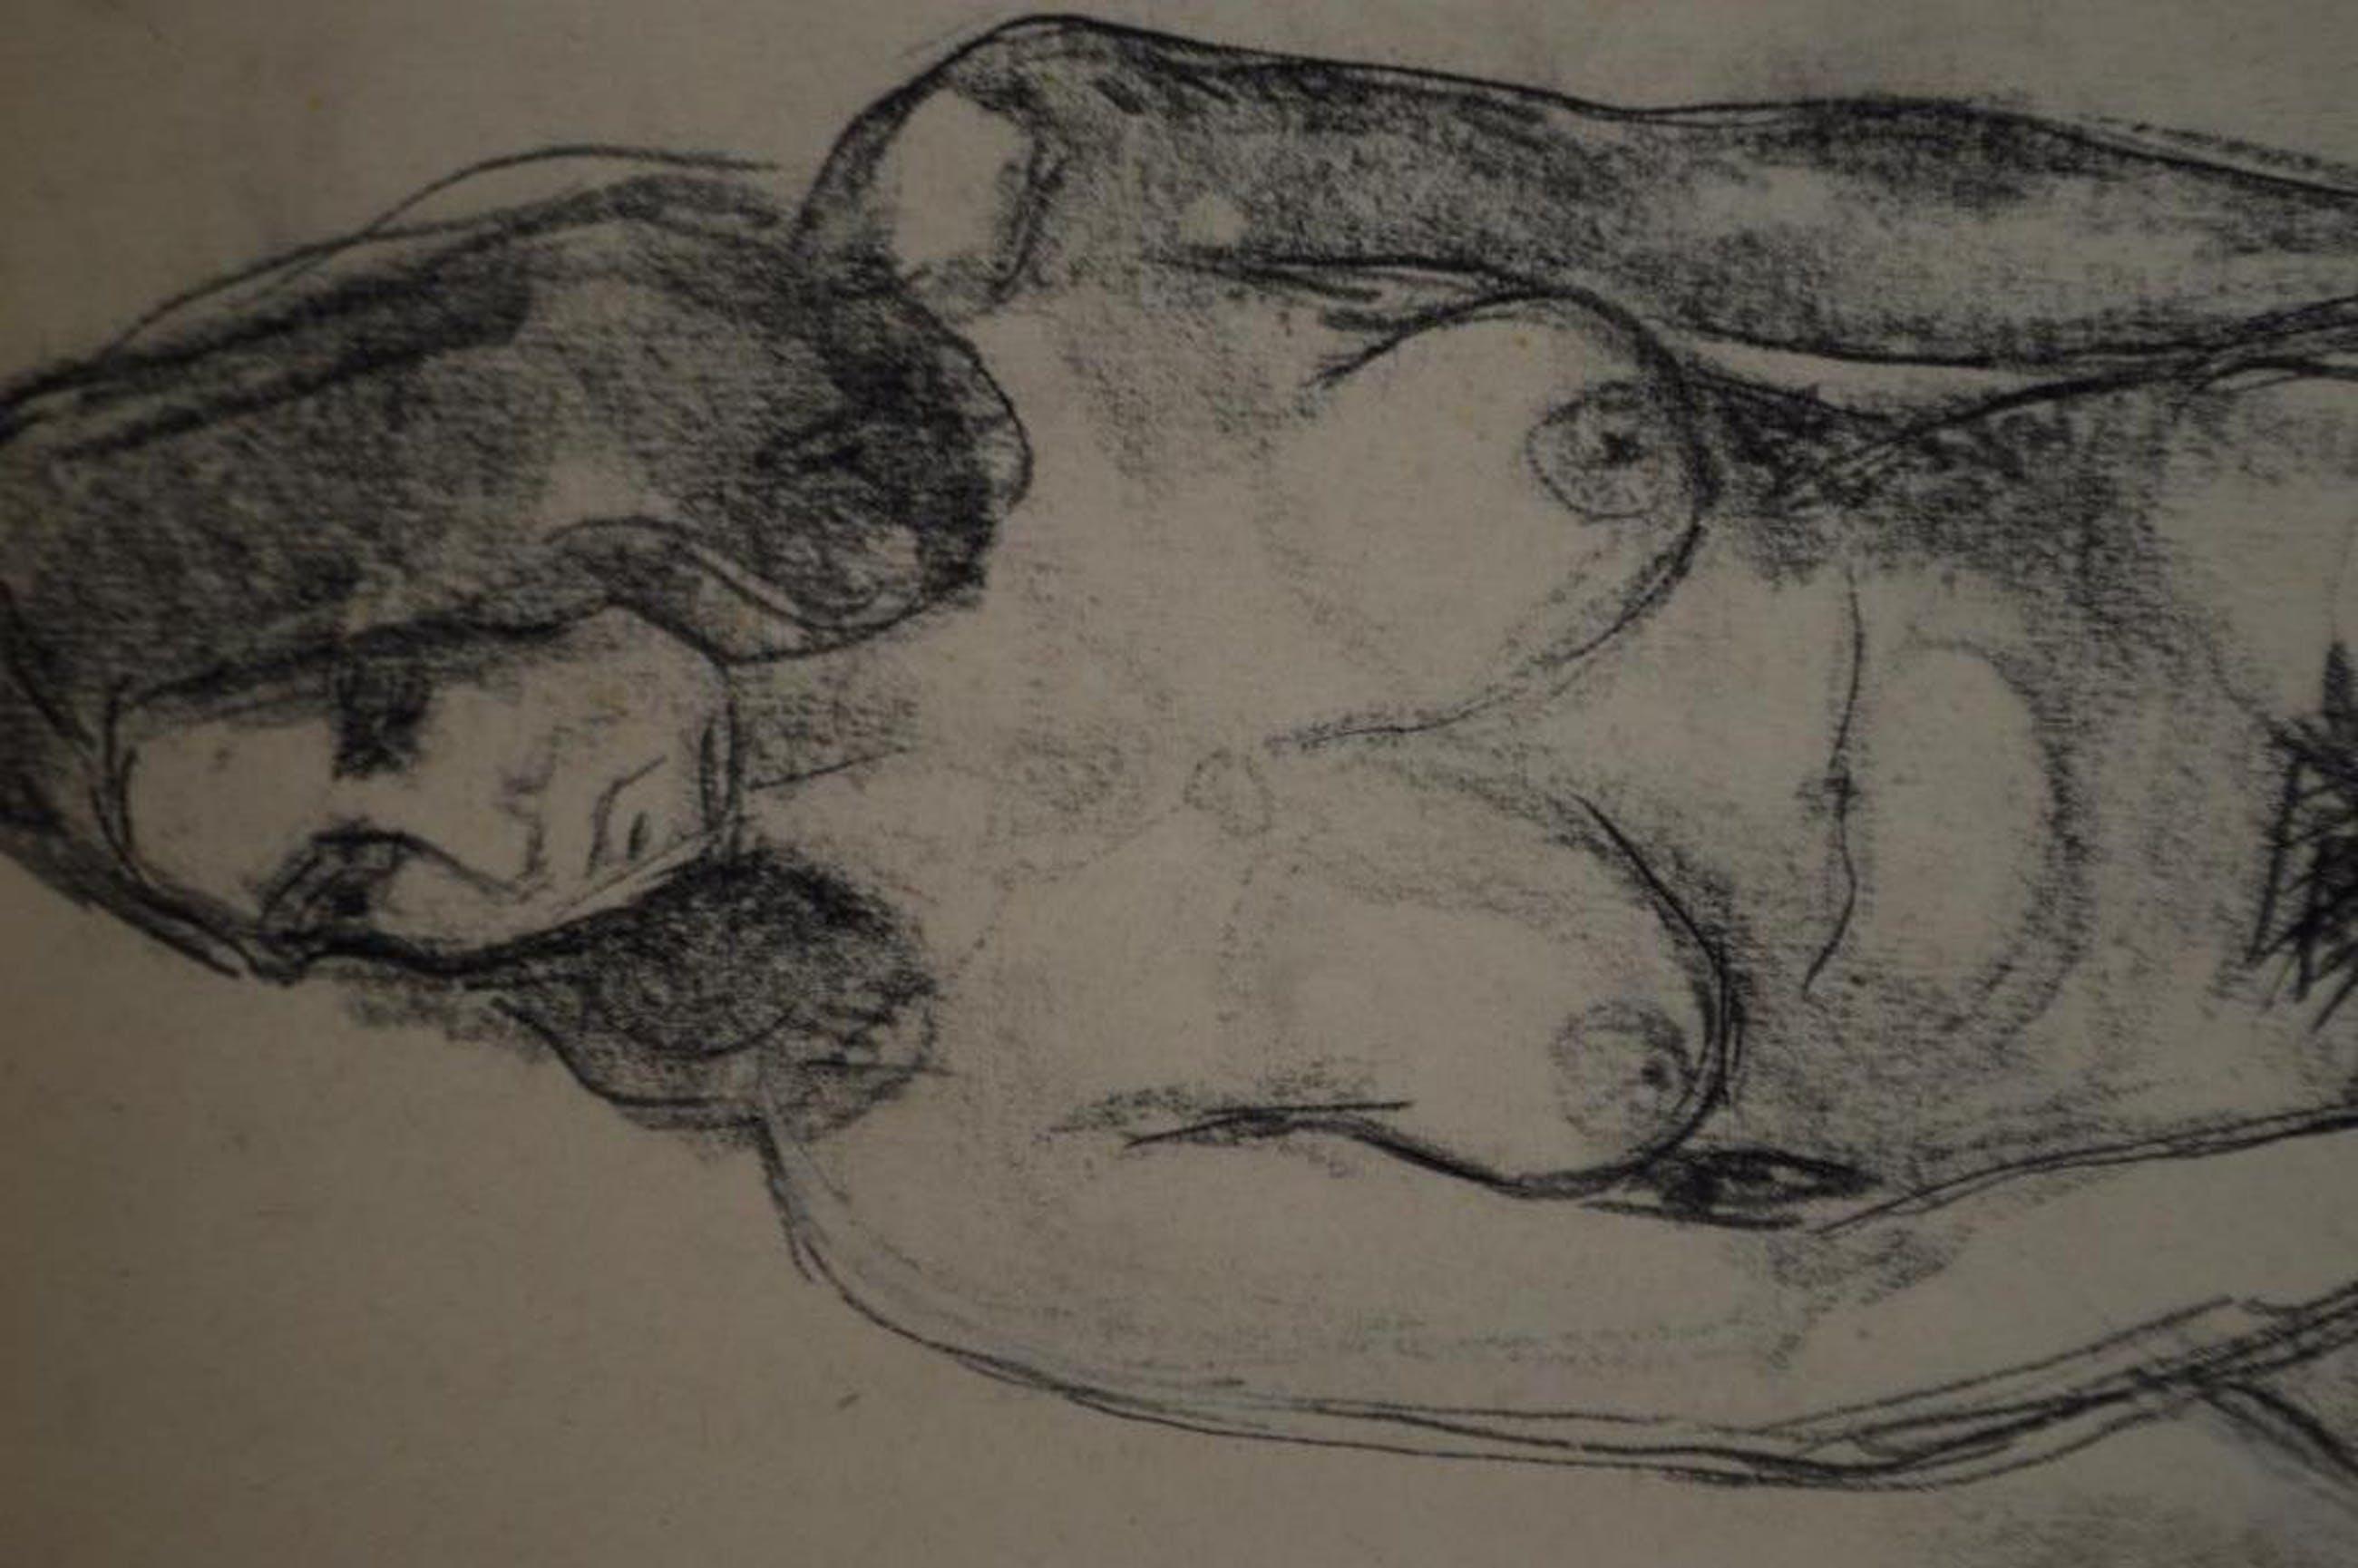 Onbekende kunstenaar, tekening in potlood, 38 x 60 ca. 1960 kopen? Bied vanaf 1!